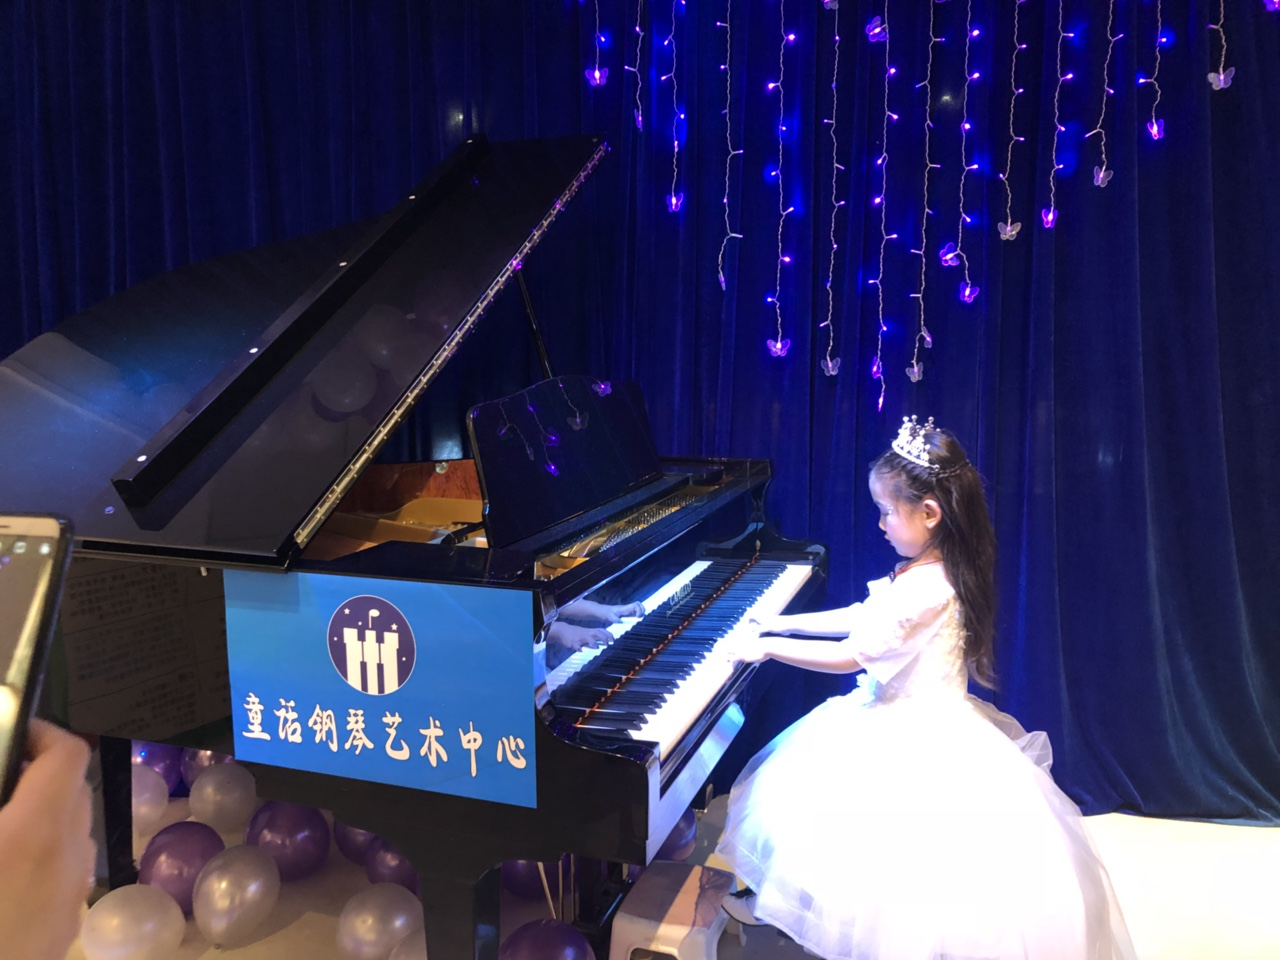 童话钢琴艺术中心暑假招生啦